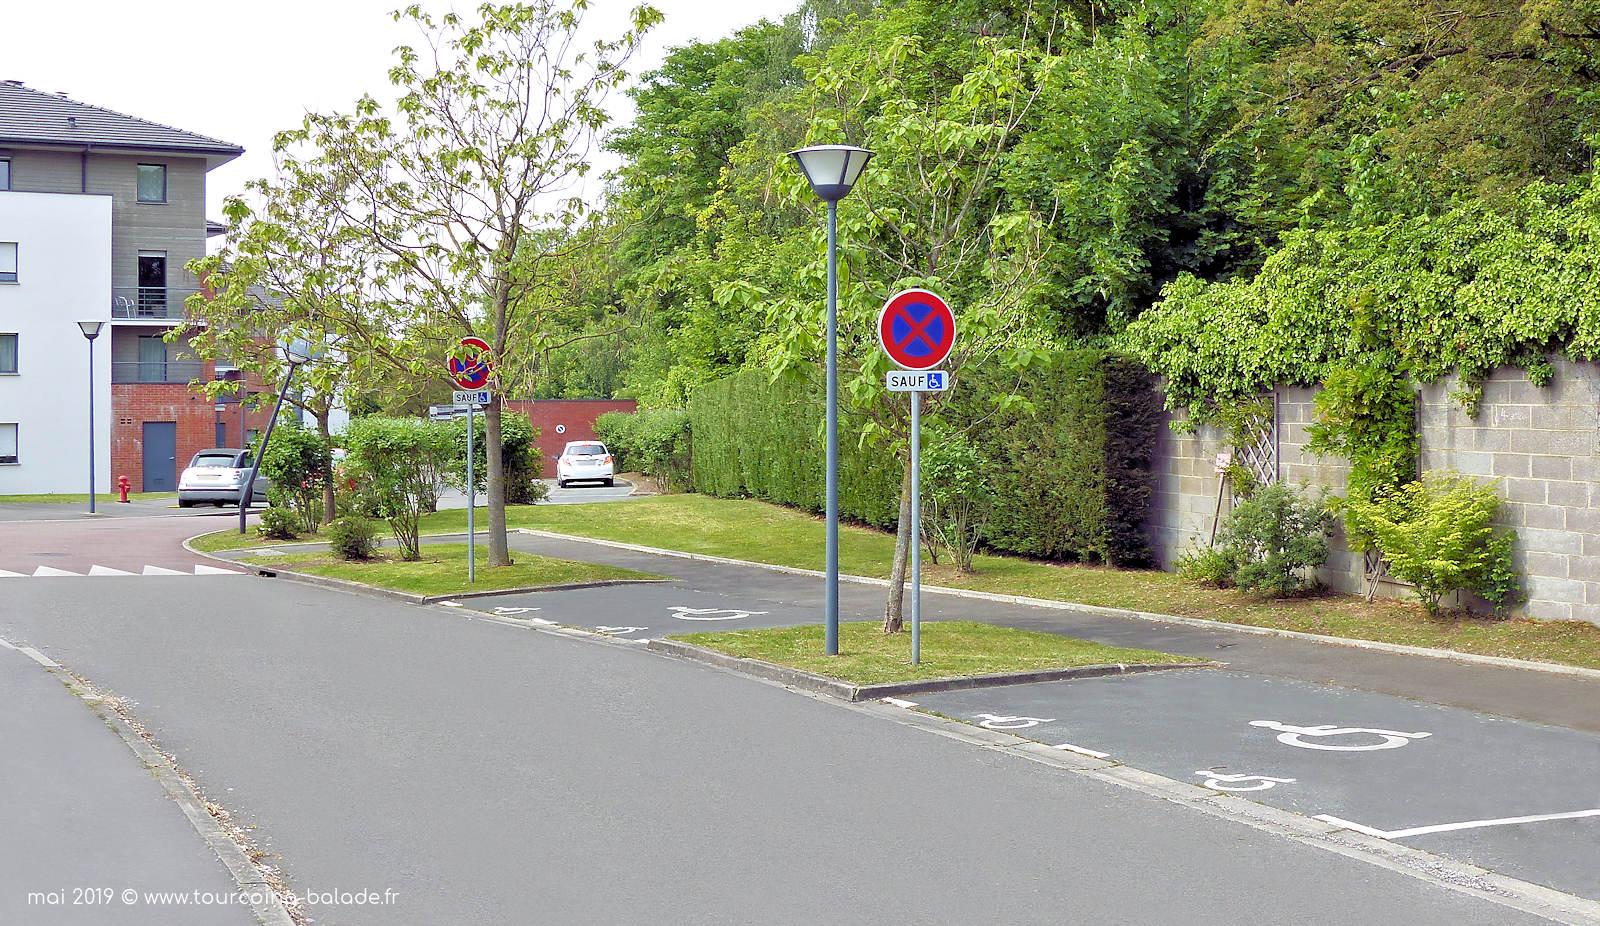 Places PMR, Allée des Confiseurs, Tourcoing 2019